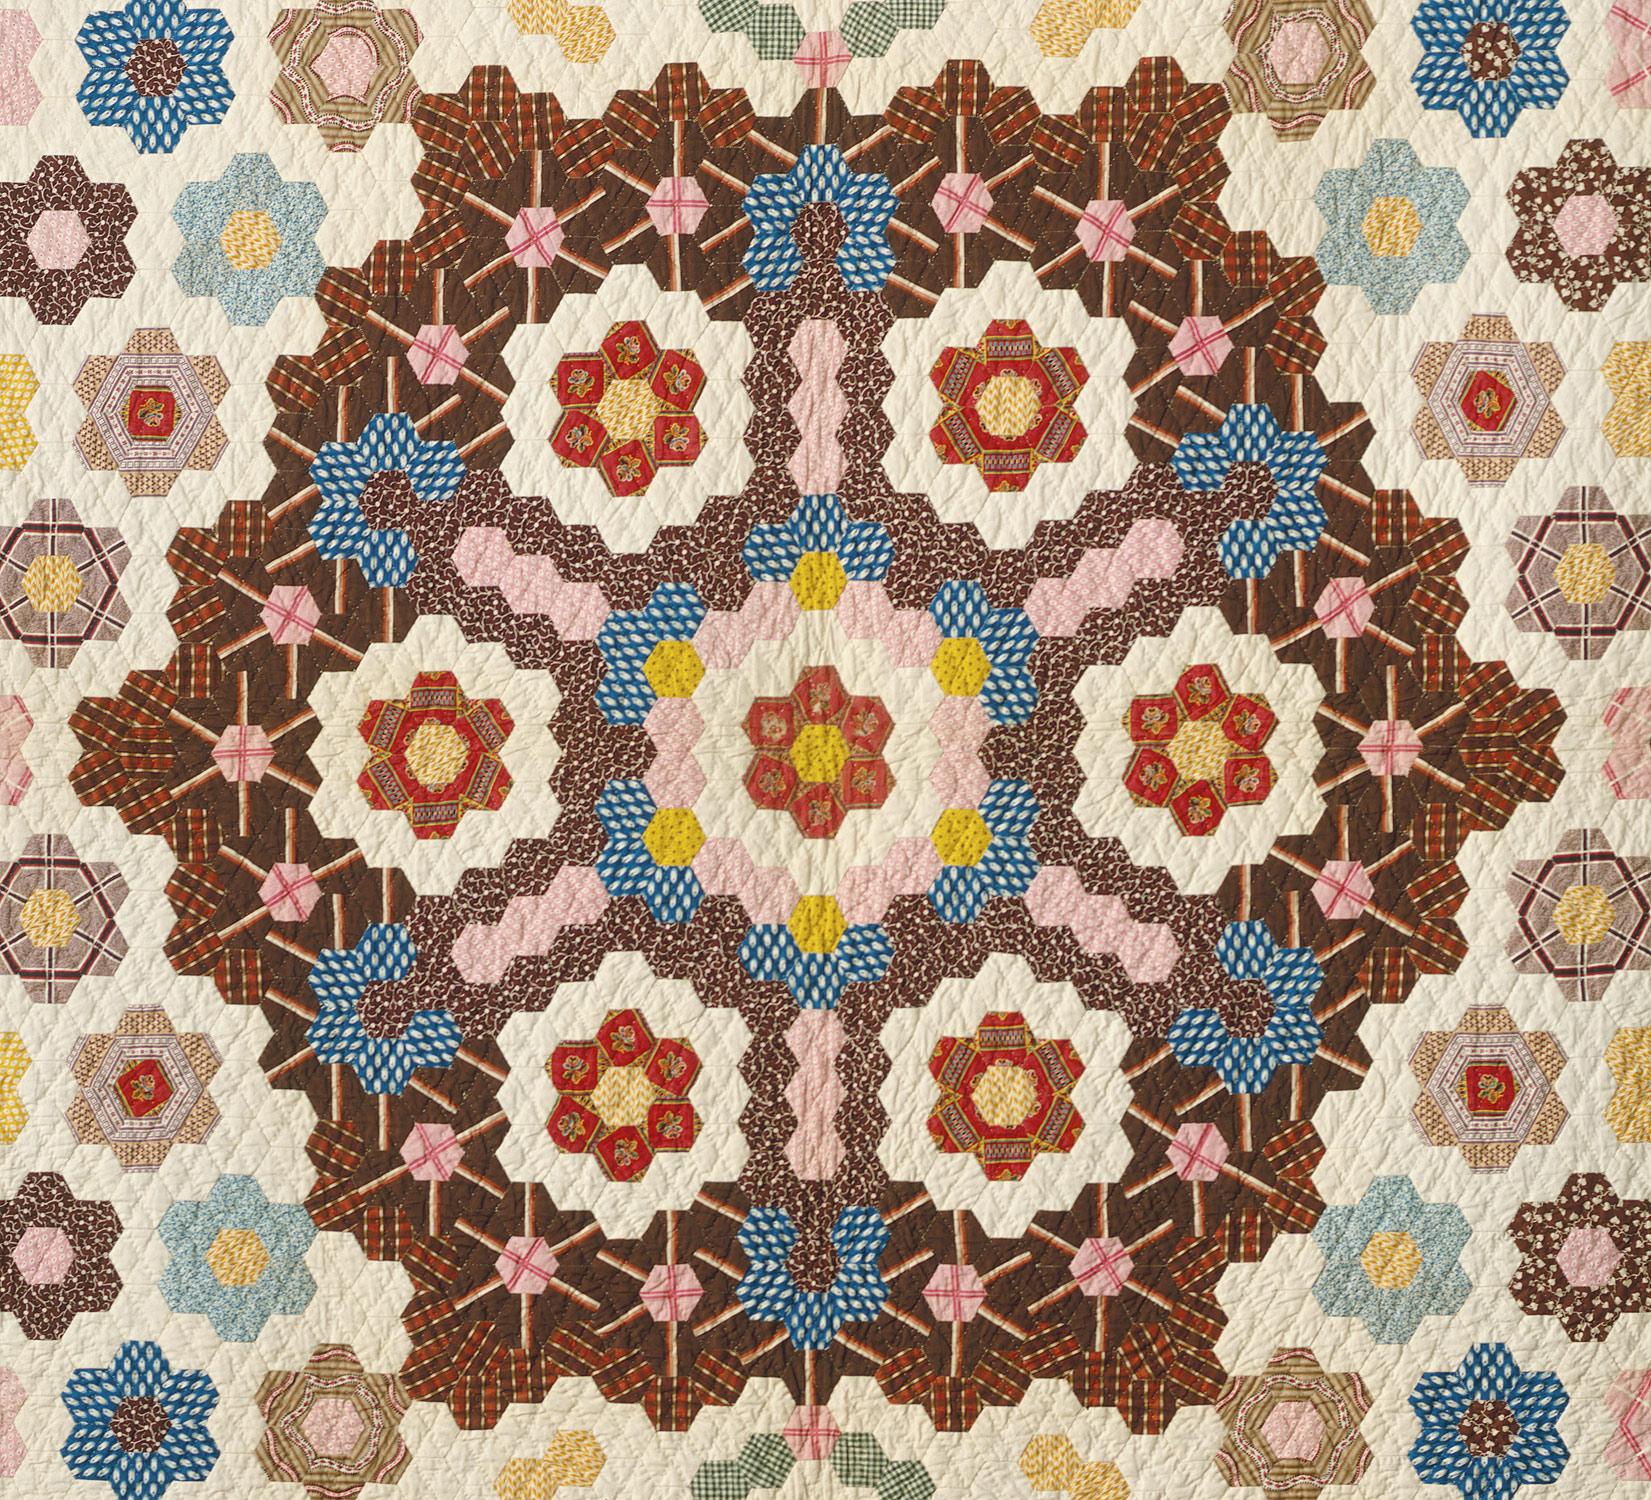 Honeycomb Quilt | Elizabeth Van Horne Clarkson | 23.80.75 | Work ... : quilting history timeline - Adamdwight.com